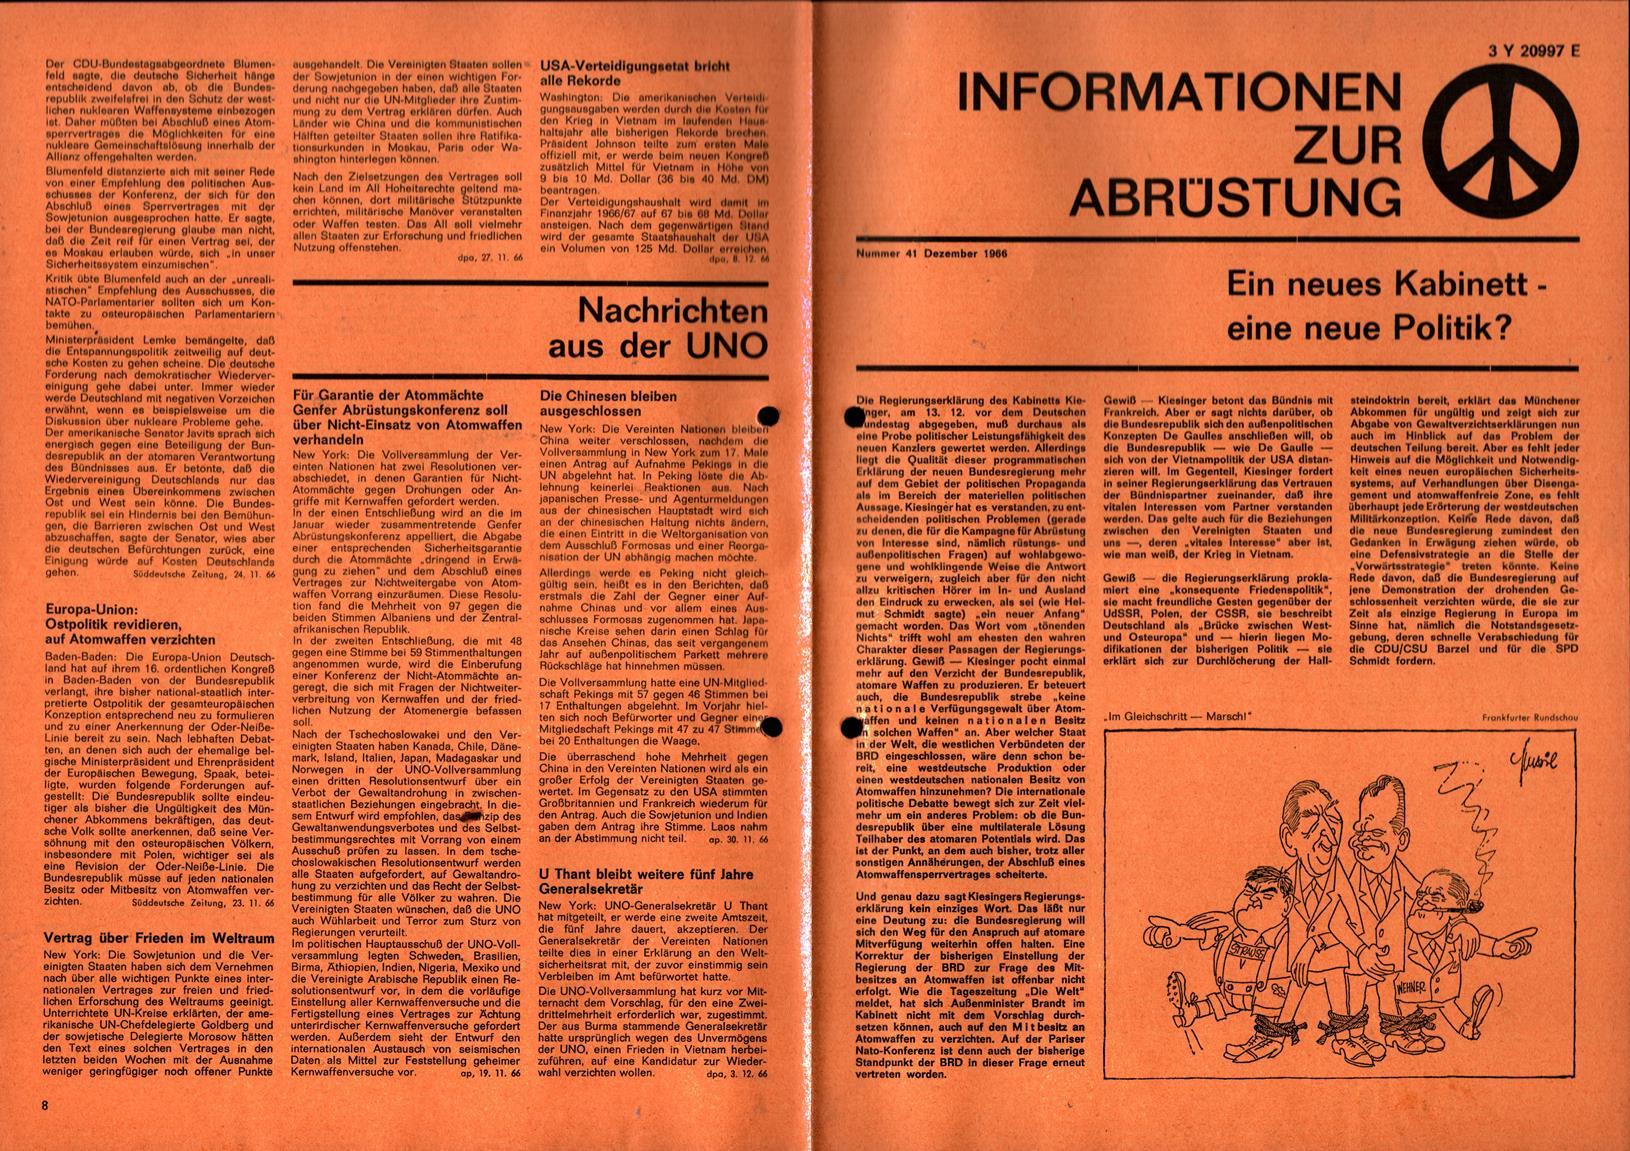 Infos_zur_Abruestung_1966_041_001